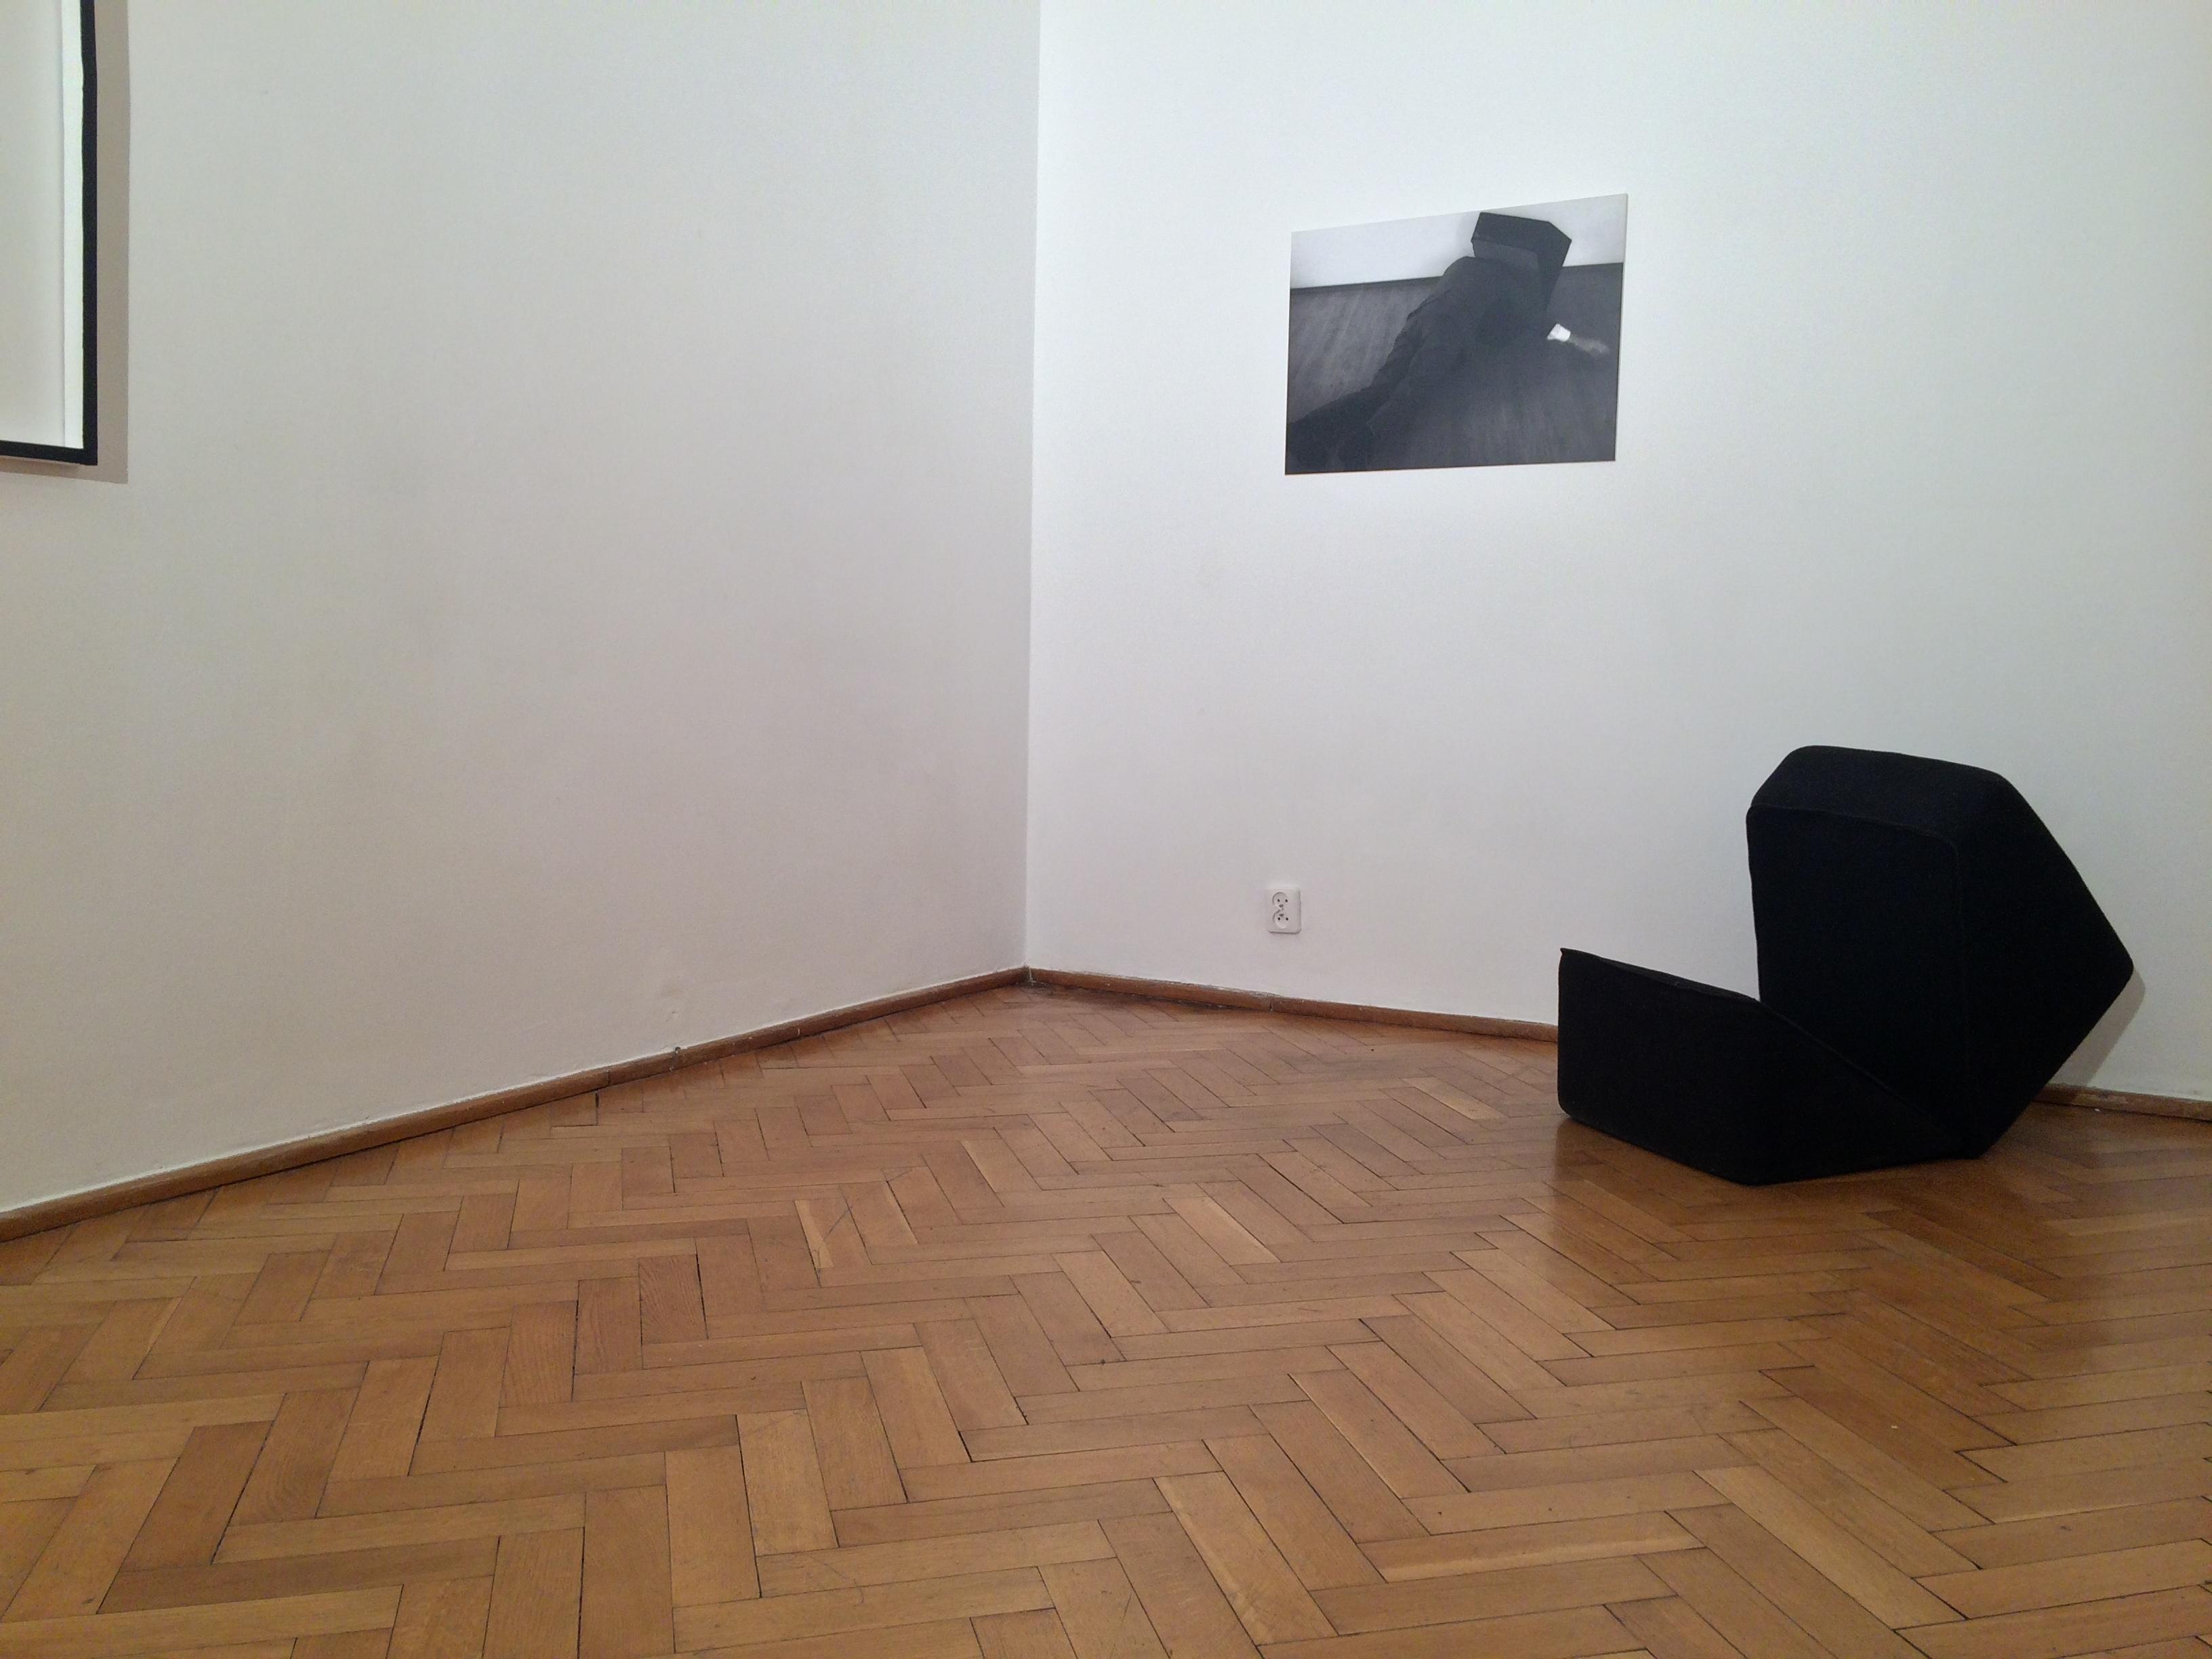 Tomek Baran, Bez tytułu, 2010; Bartosz Mucha, Kostka ludzika, 2005